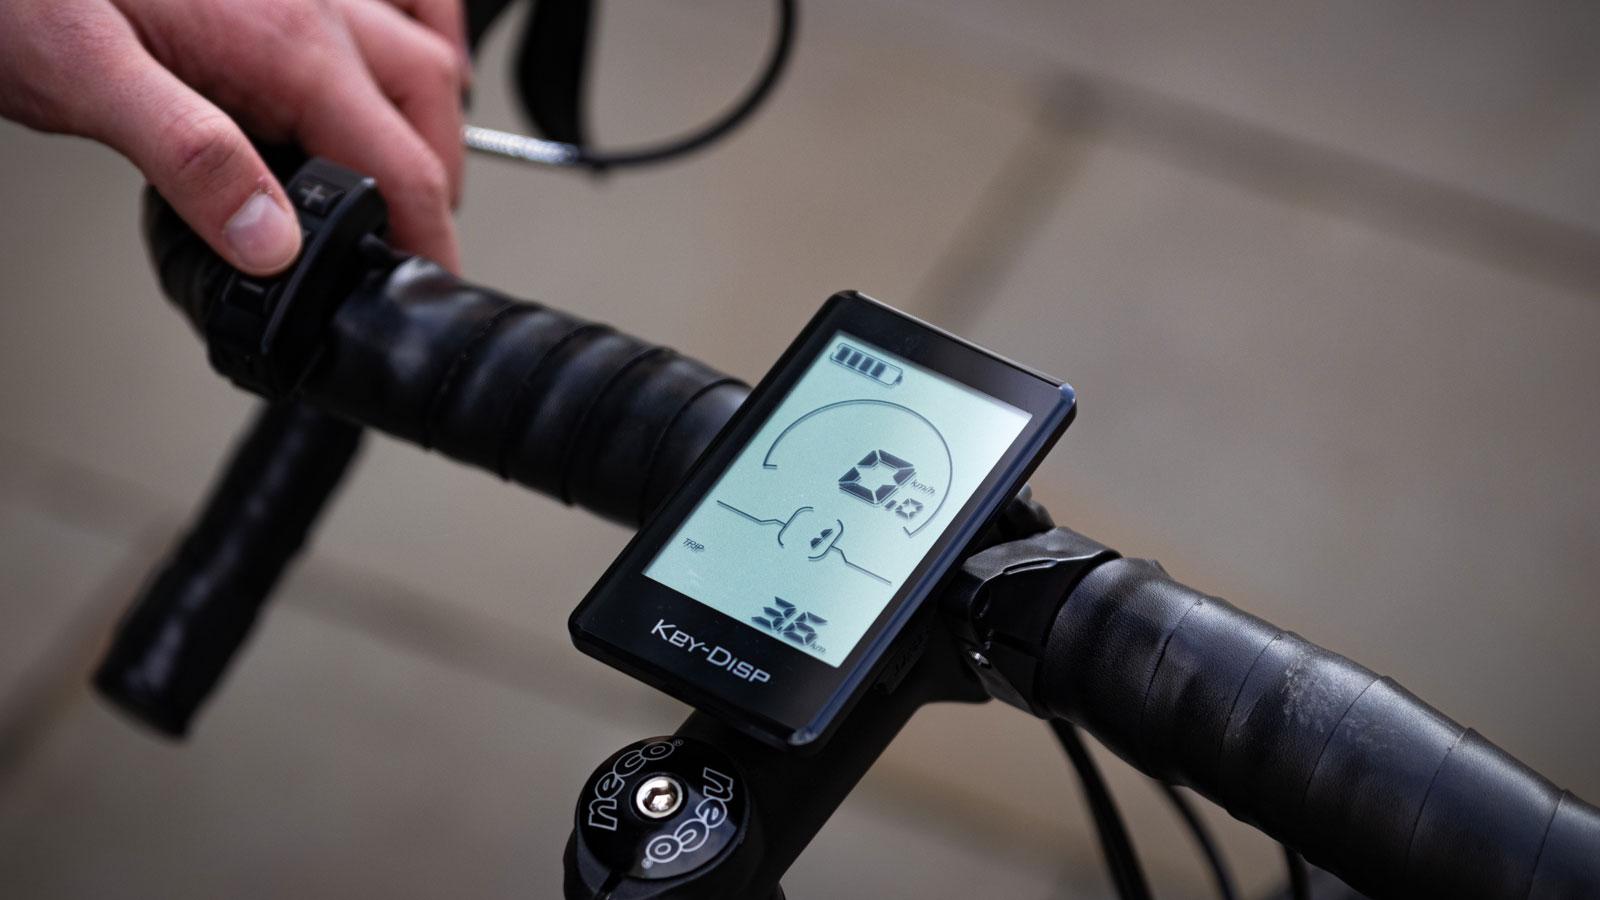 Avaris Ebike full touch display